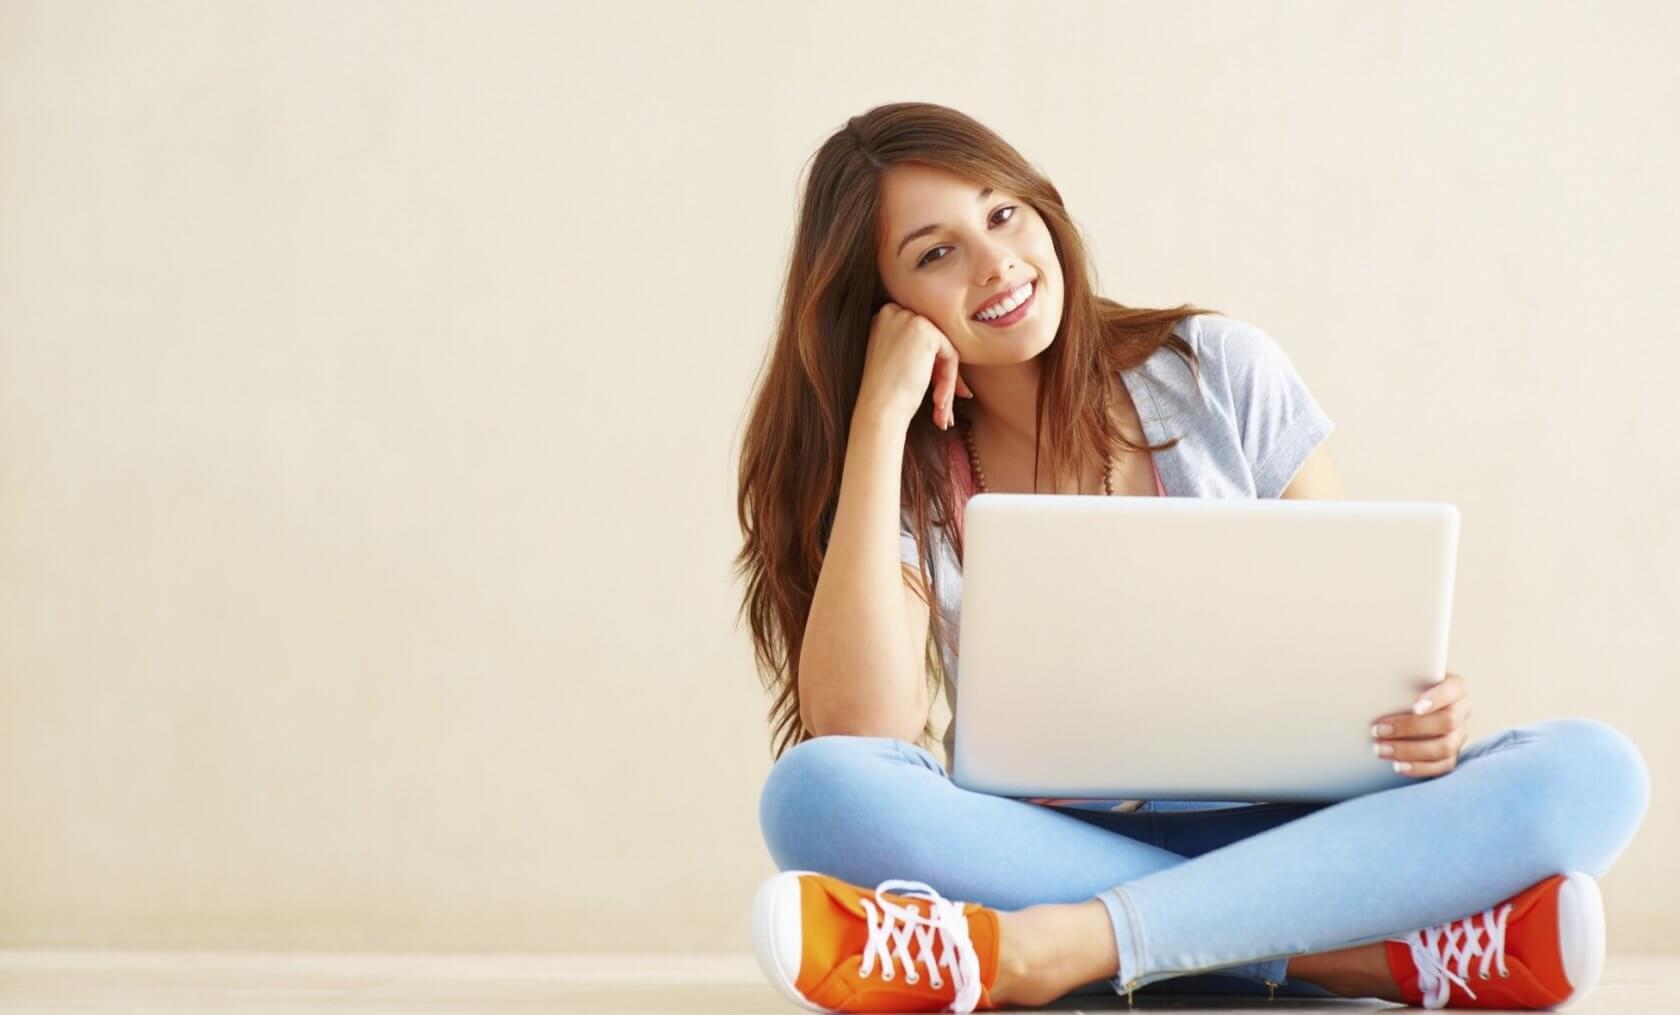 Работа вебмодели для девушек и парней в студии в Санкт